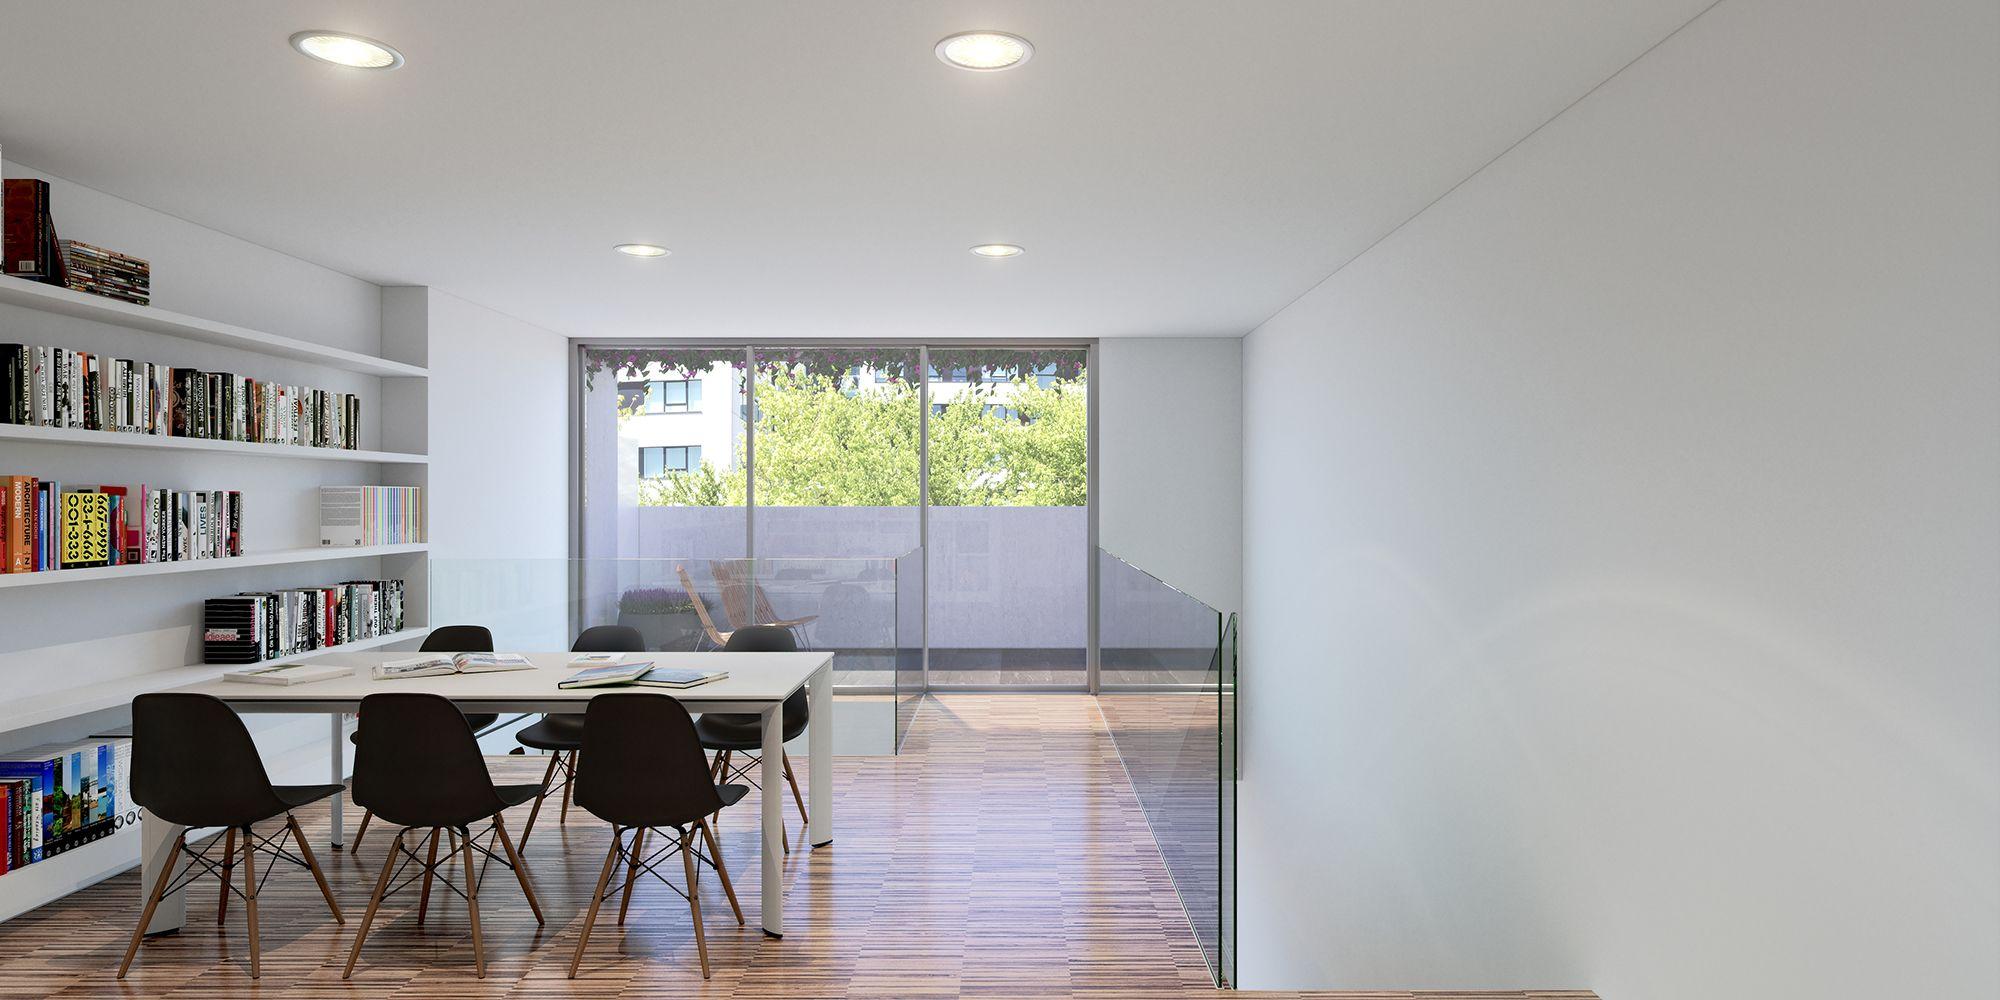 Oficinas M12 | Santiago de Compostela